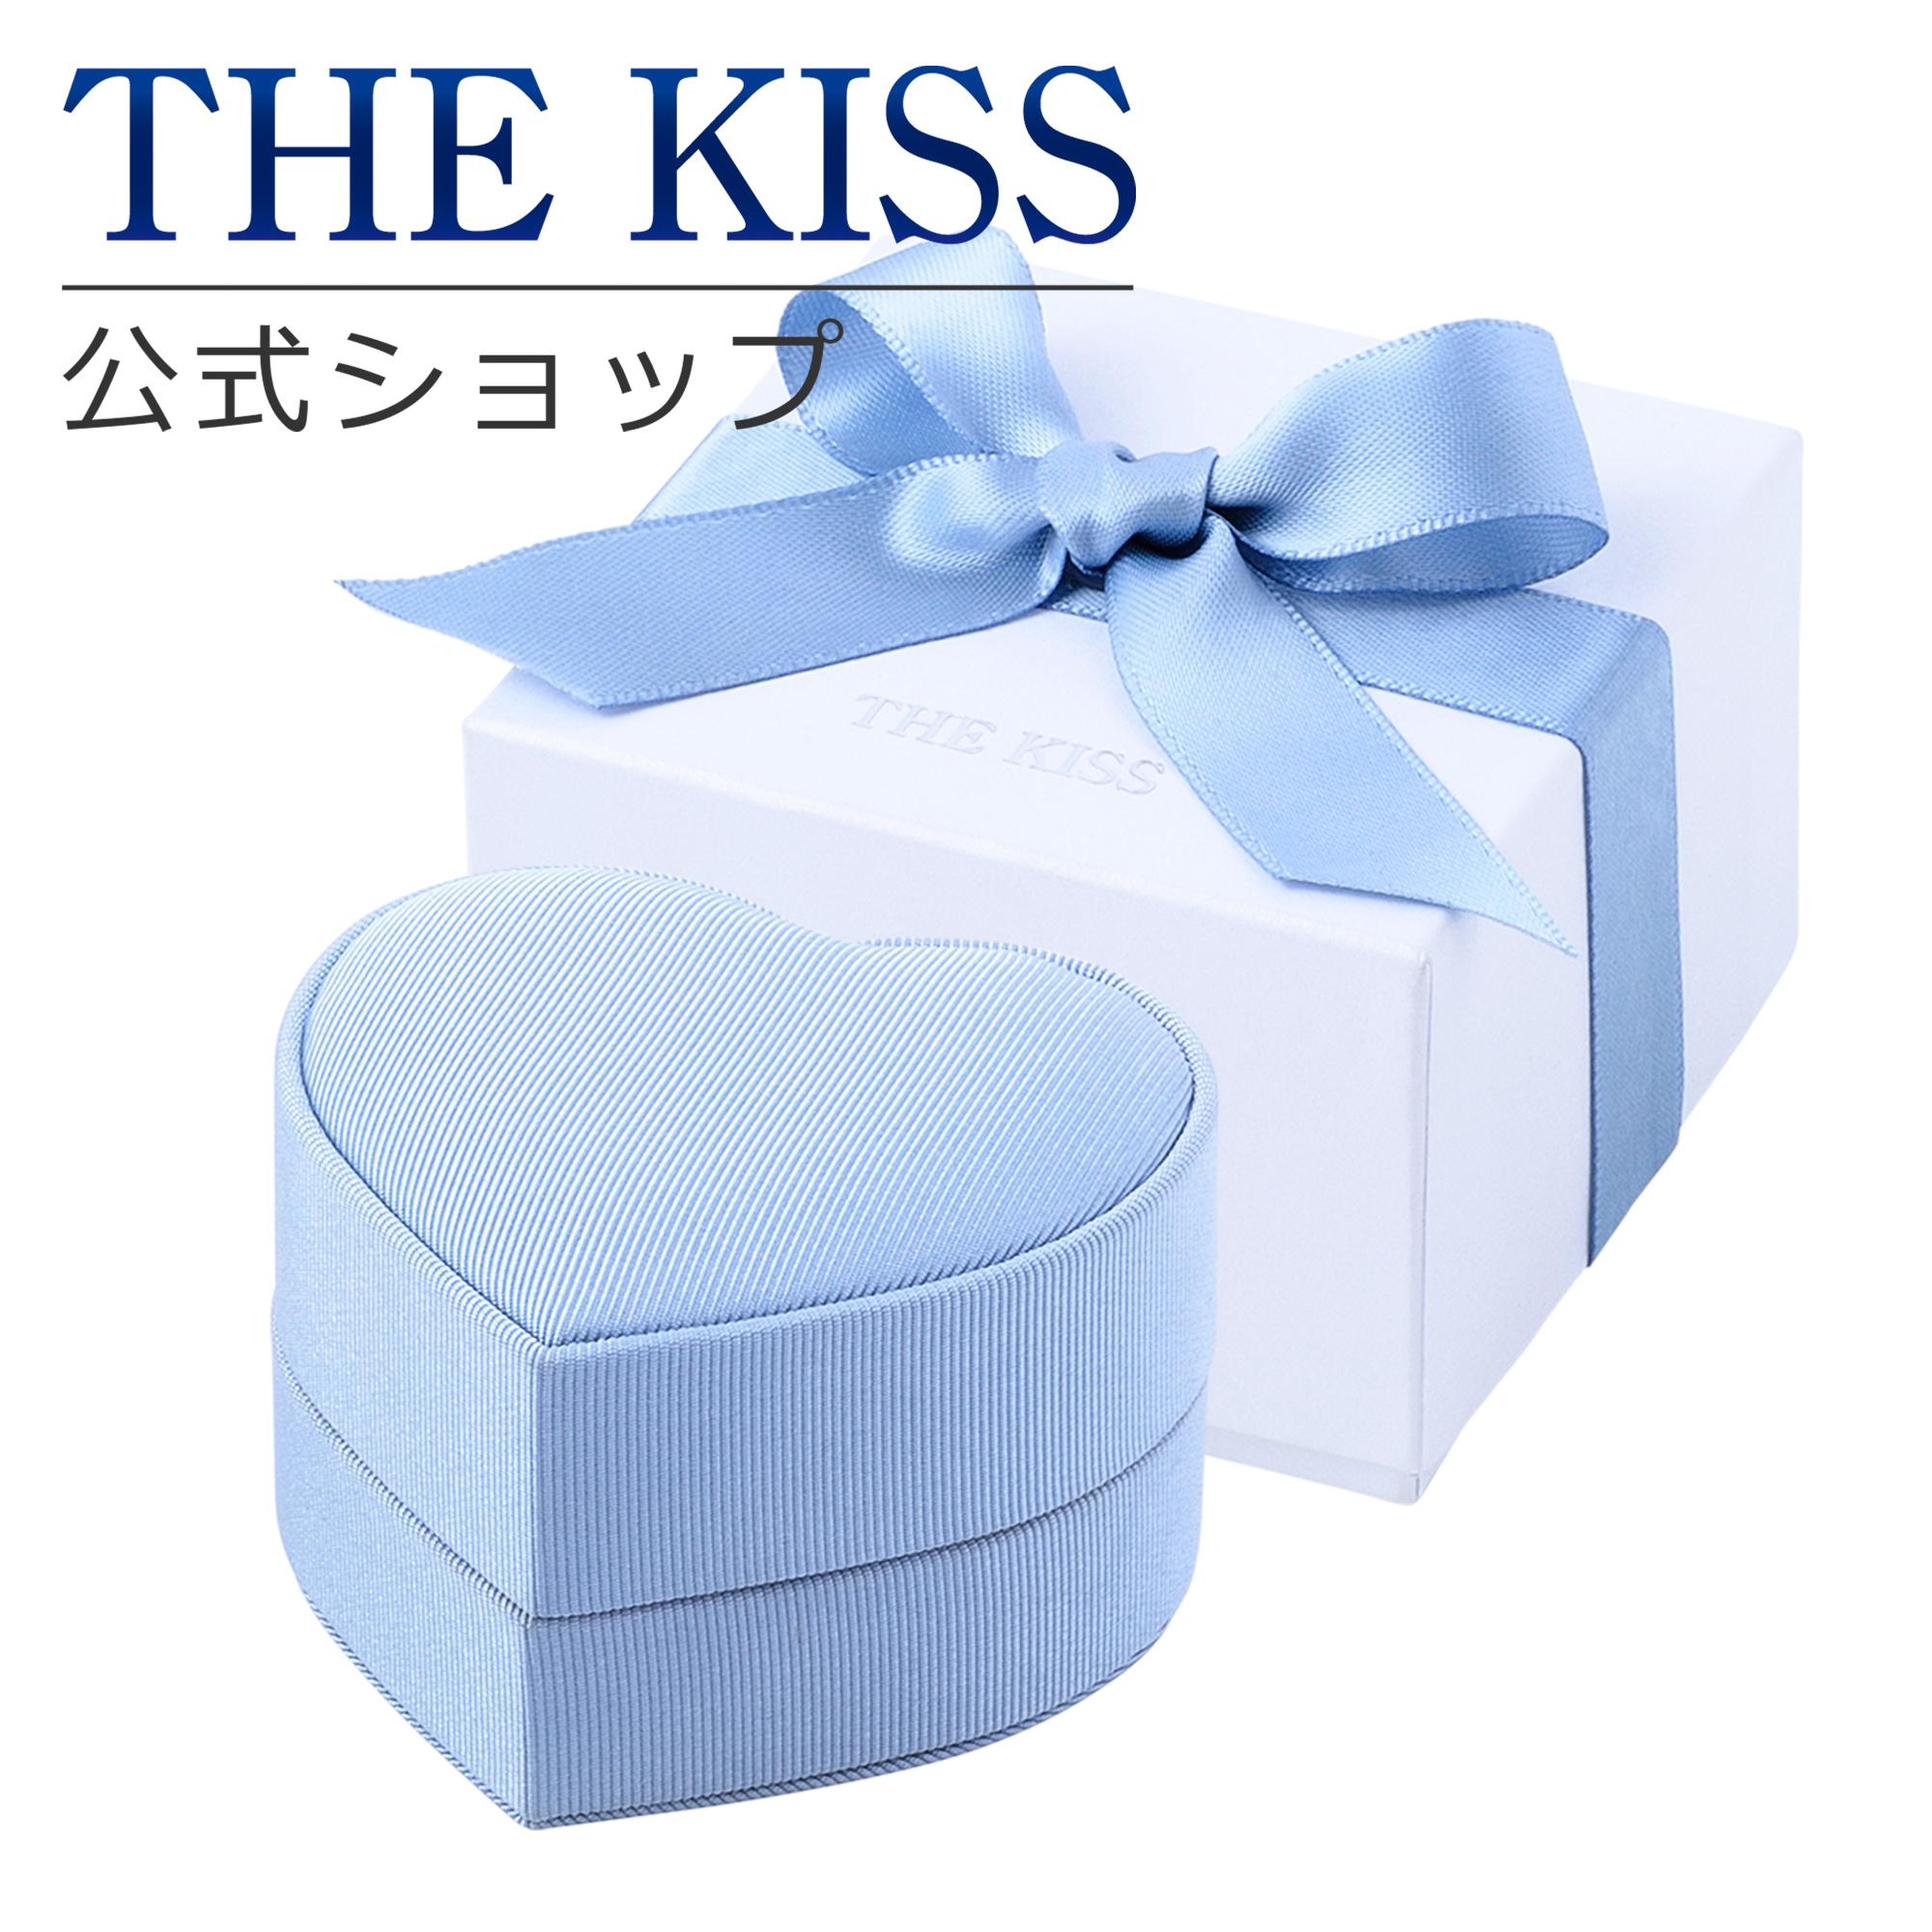 高級感ただようサテン調のジュエリーボックス ブルーのハートが2人の特別な瞬間を彩ります THE KISS 公式ショップ ブルーハート 超美品再入荷品質至上 新作 人気 ジュエリーボックス サテン調 ジュエリーブランド ザキス 土日祝日もあす楽対応 THEKISS ジュエリー アクセサリー用品 誕生日 BOX-REGULAR-B 記念日 プレゼント